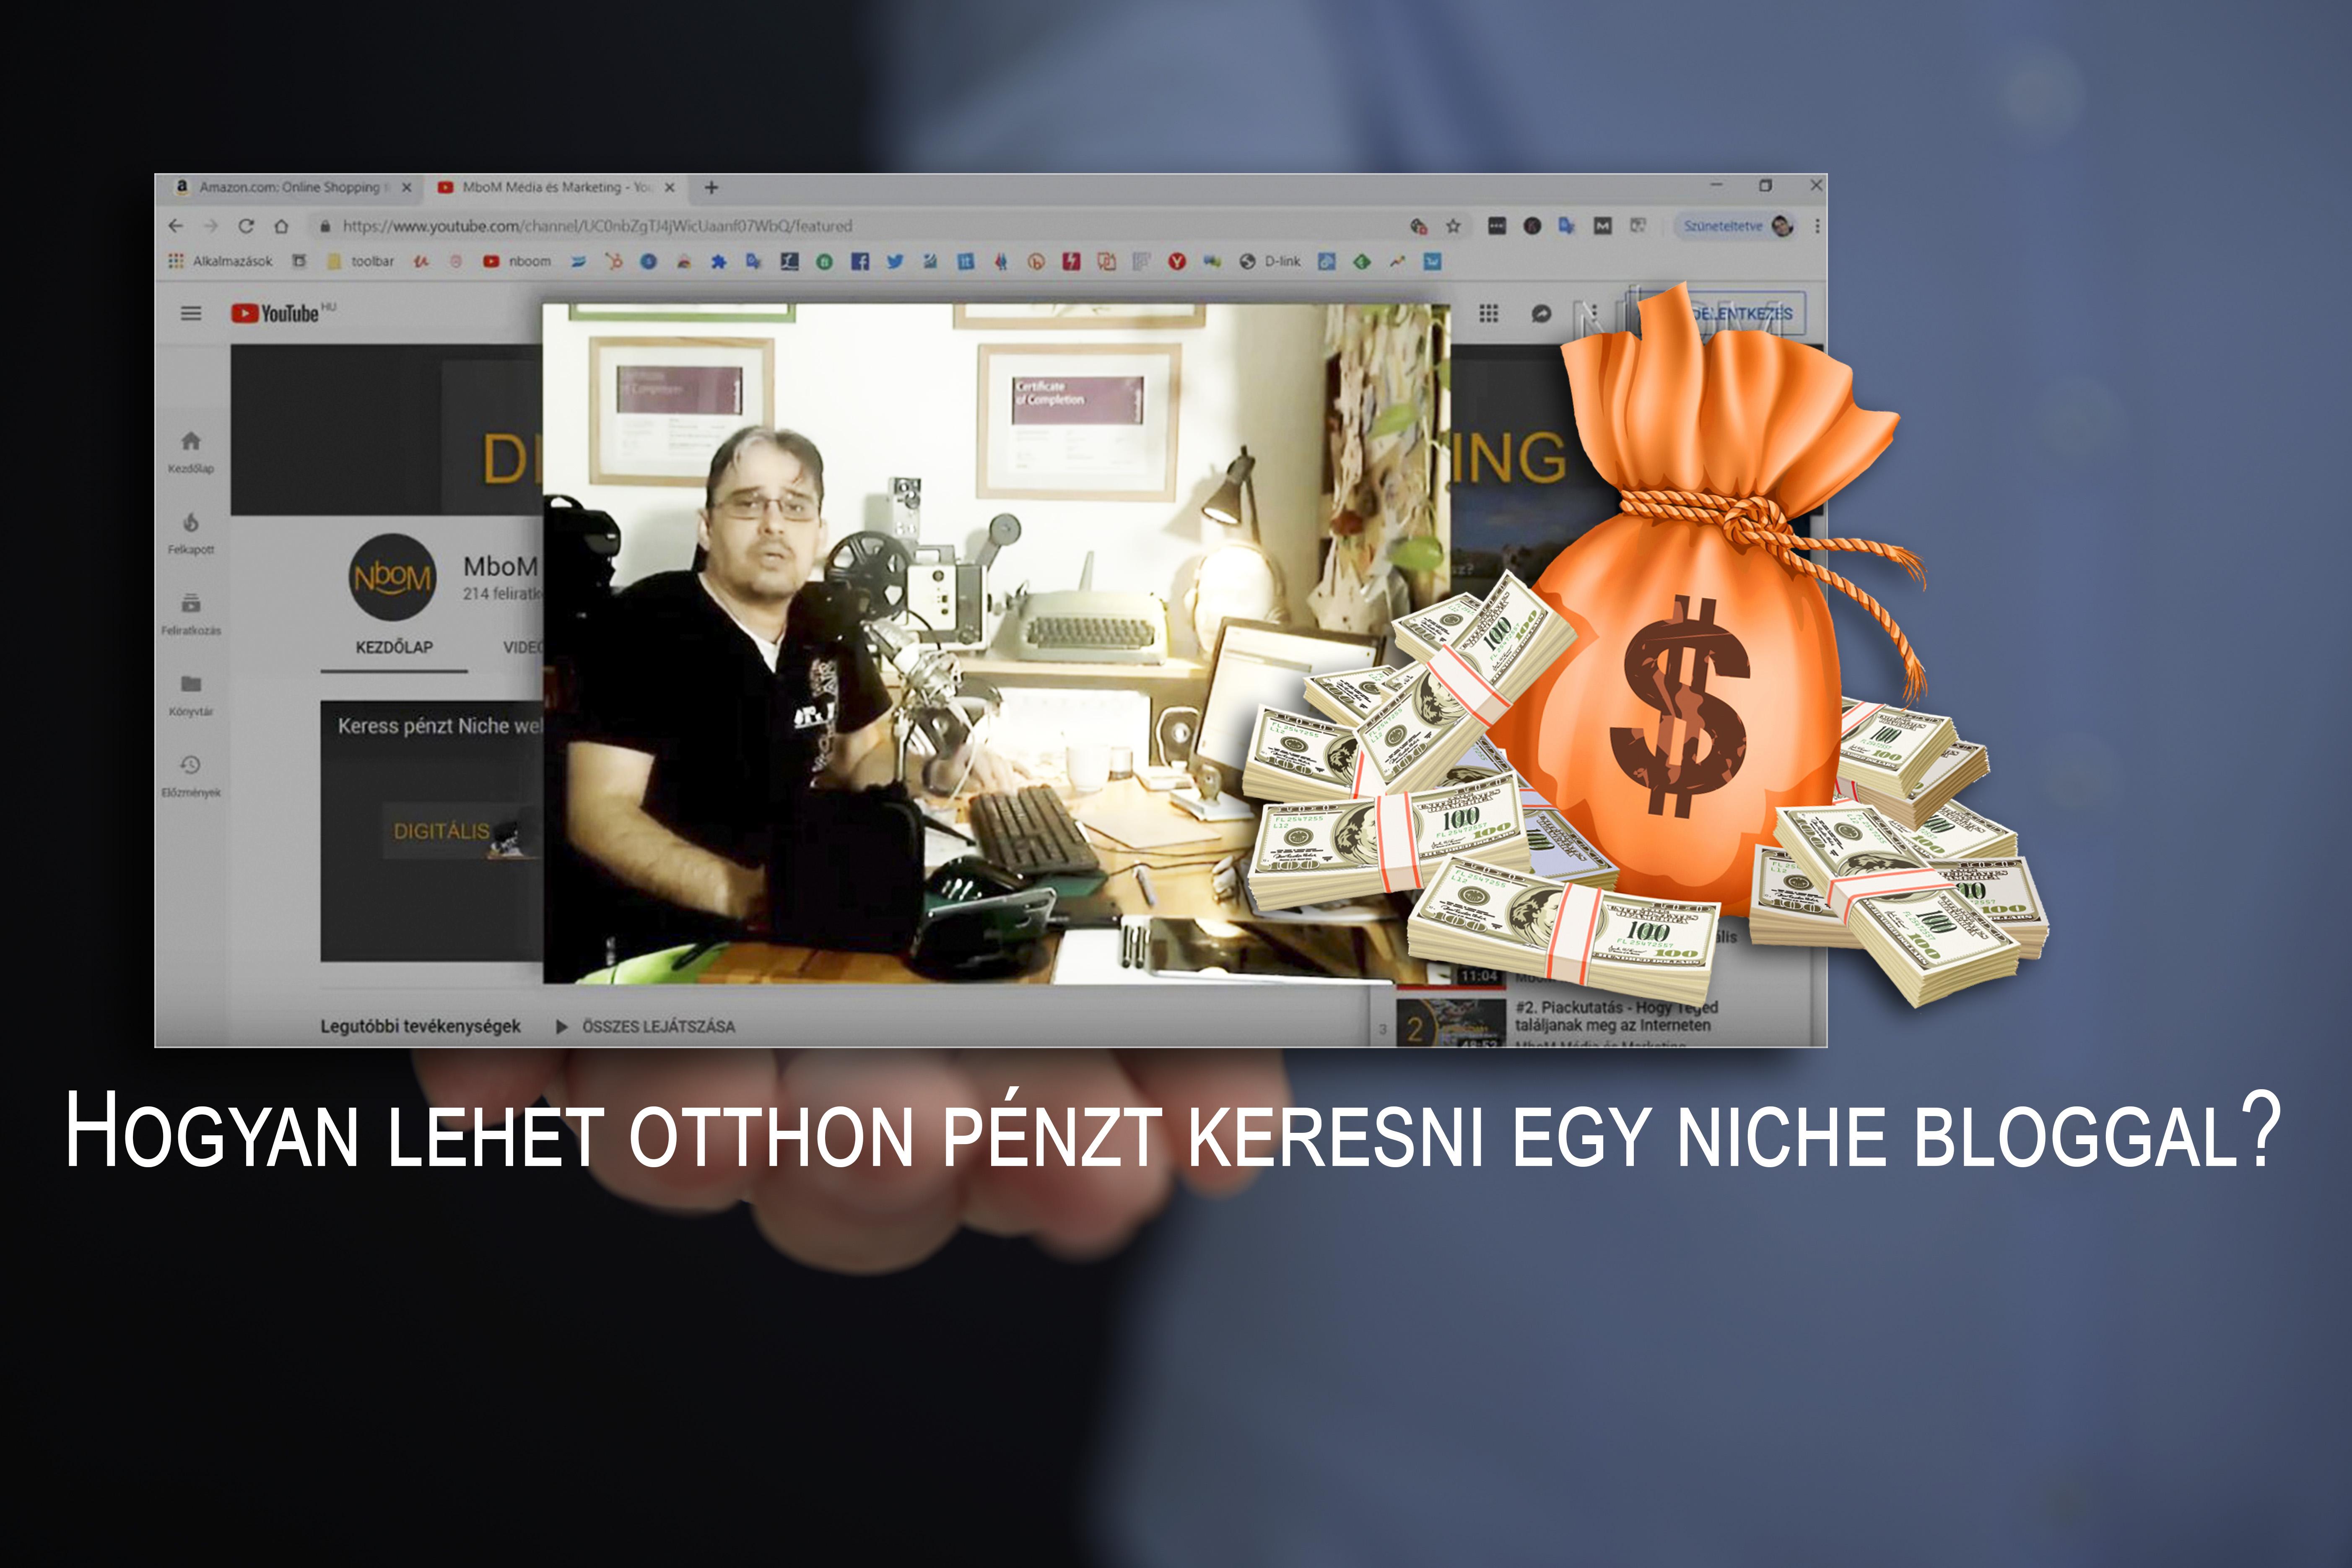 hogyan lehet pénzt keresni az ügyfelektől bináris opciók percekig